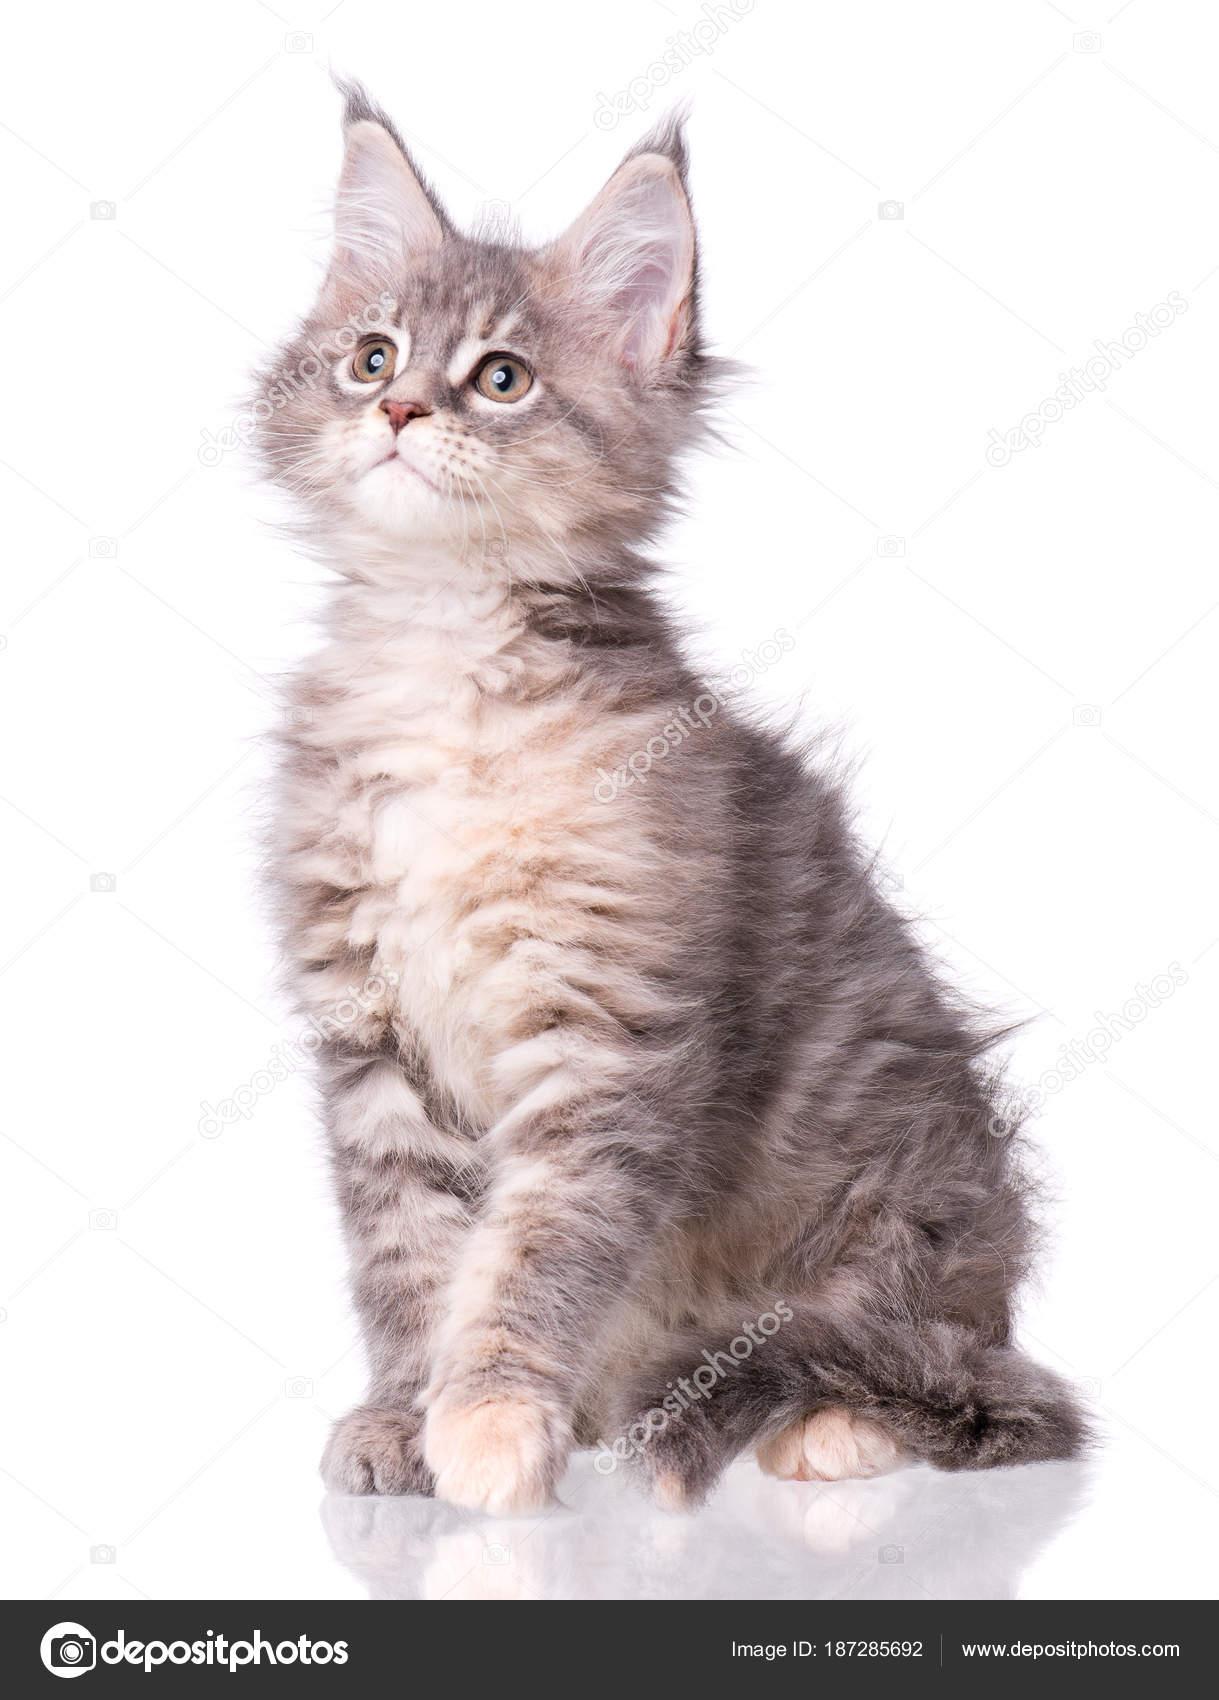 Maine Coon Kitten Biały Zdjęcie Stockowe Denisnata 187285692